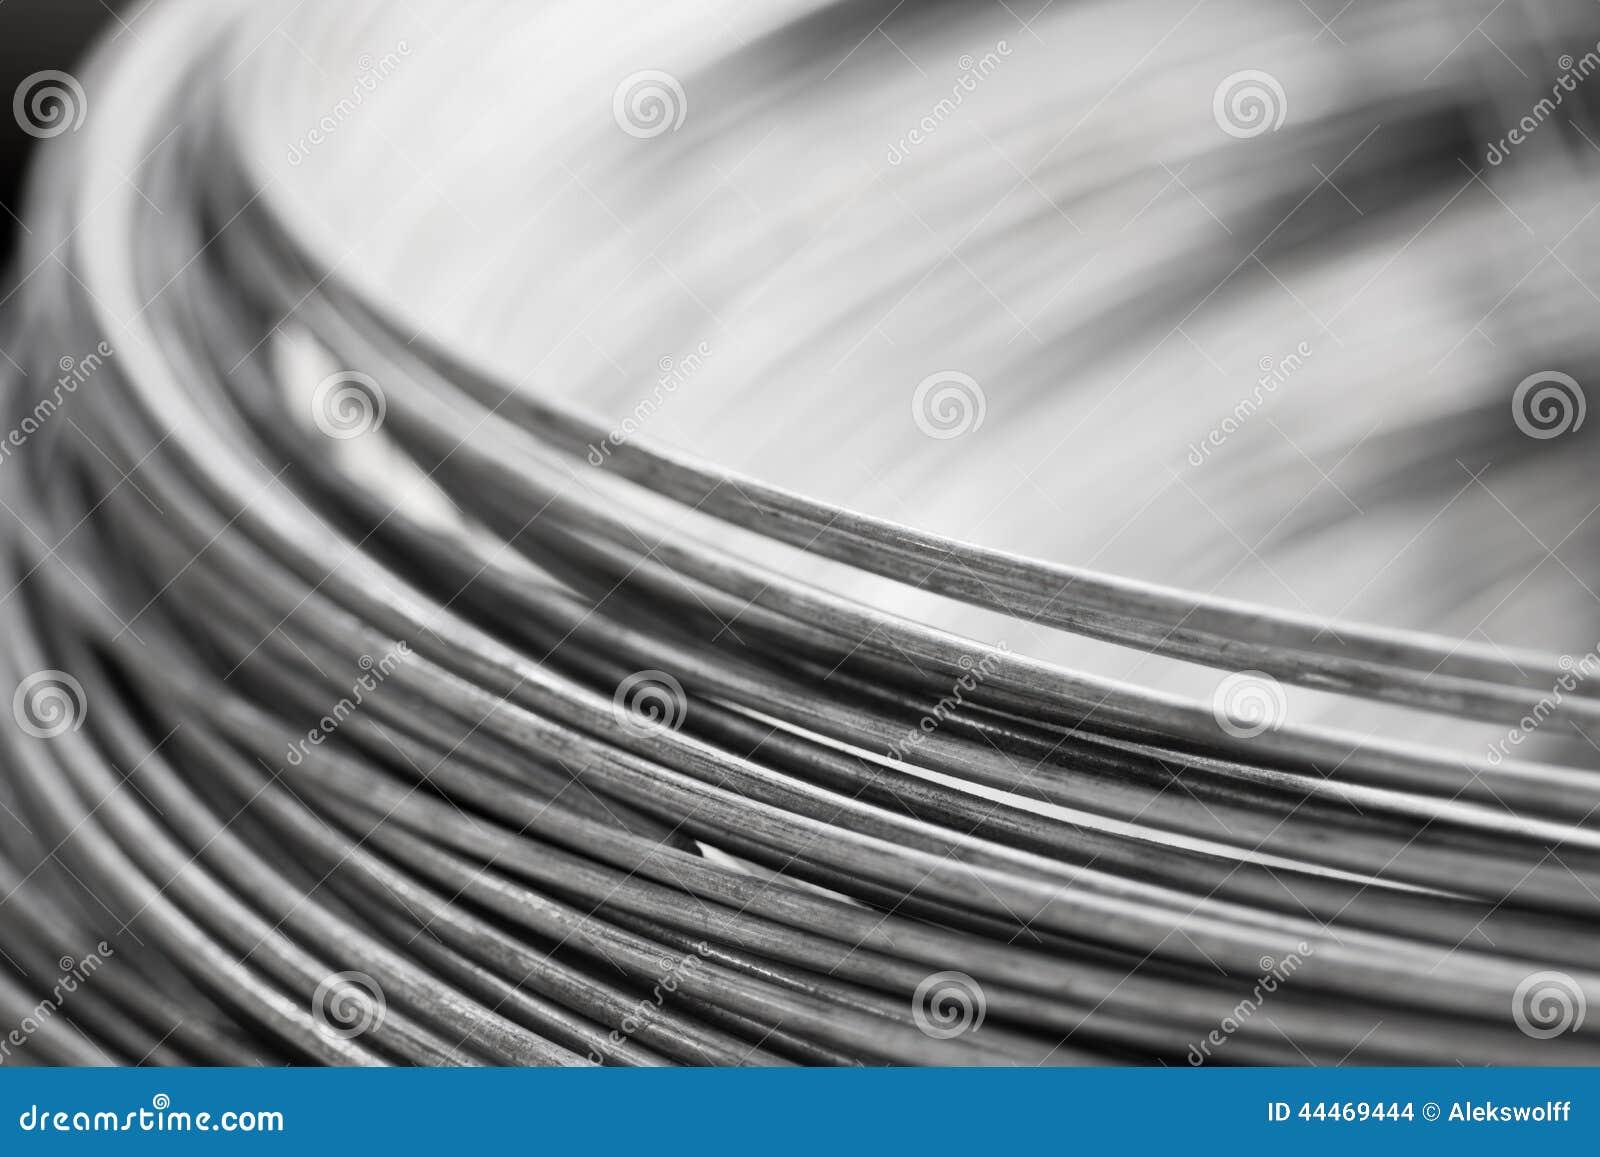 Schließen Sie Herauf Stahldraht Stockfoto - Bild von sonderkommando ...